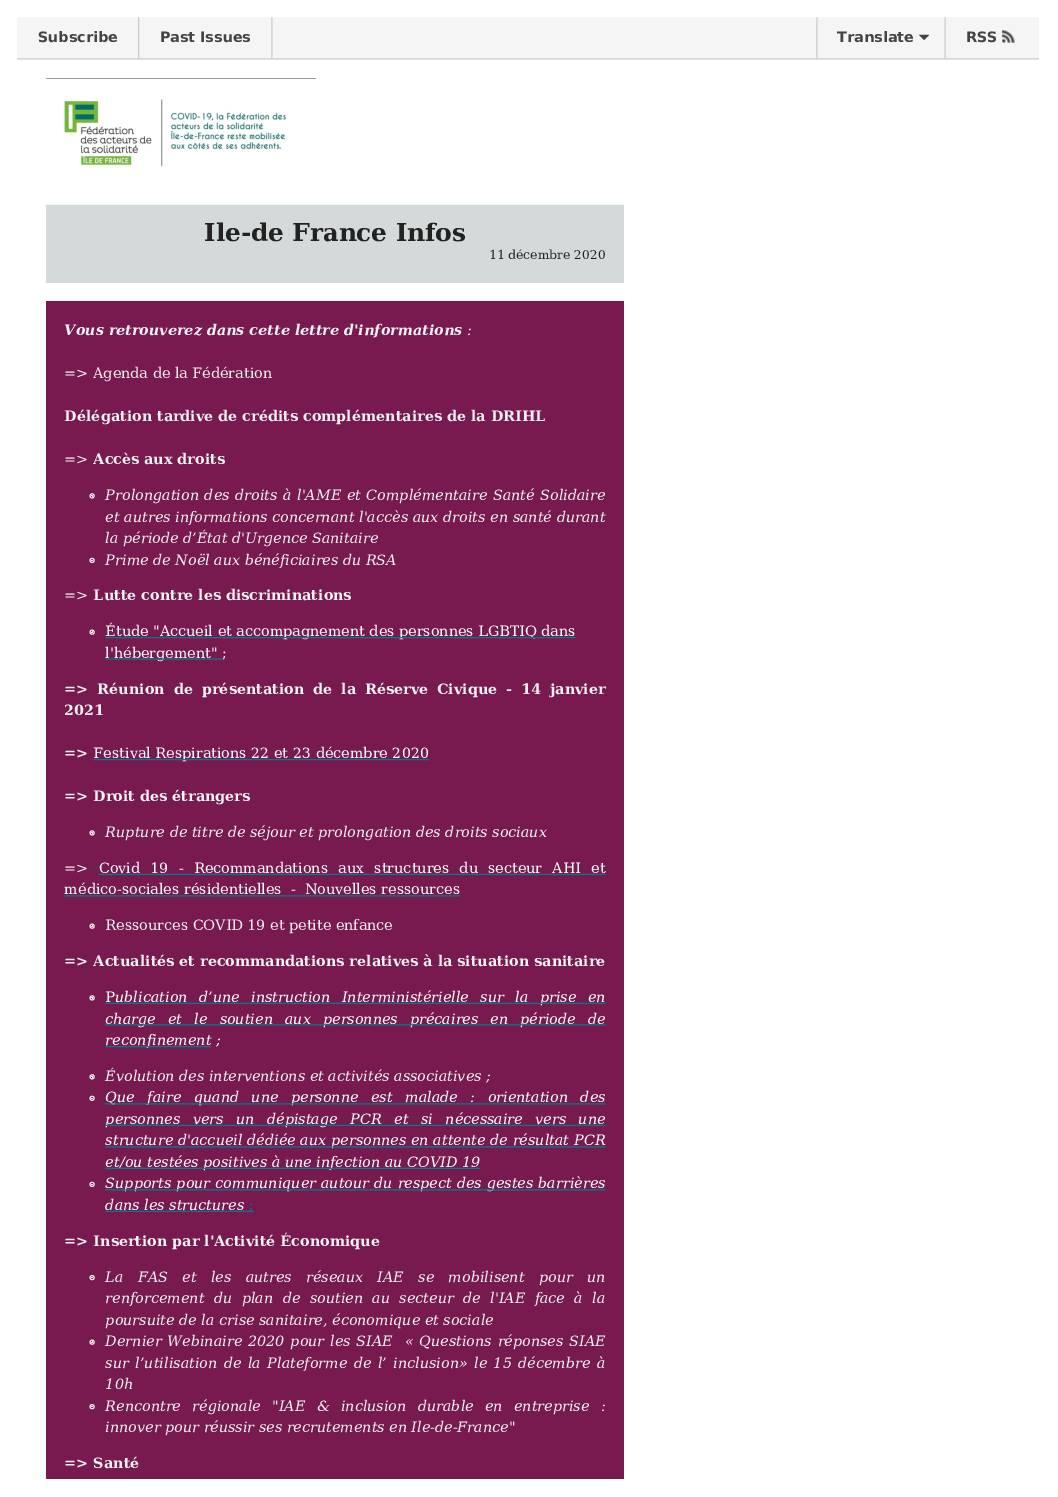 Ile-de-France infos 11 décembre 20